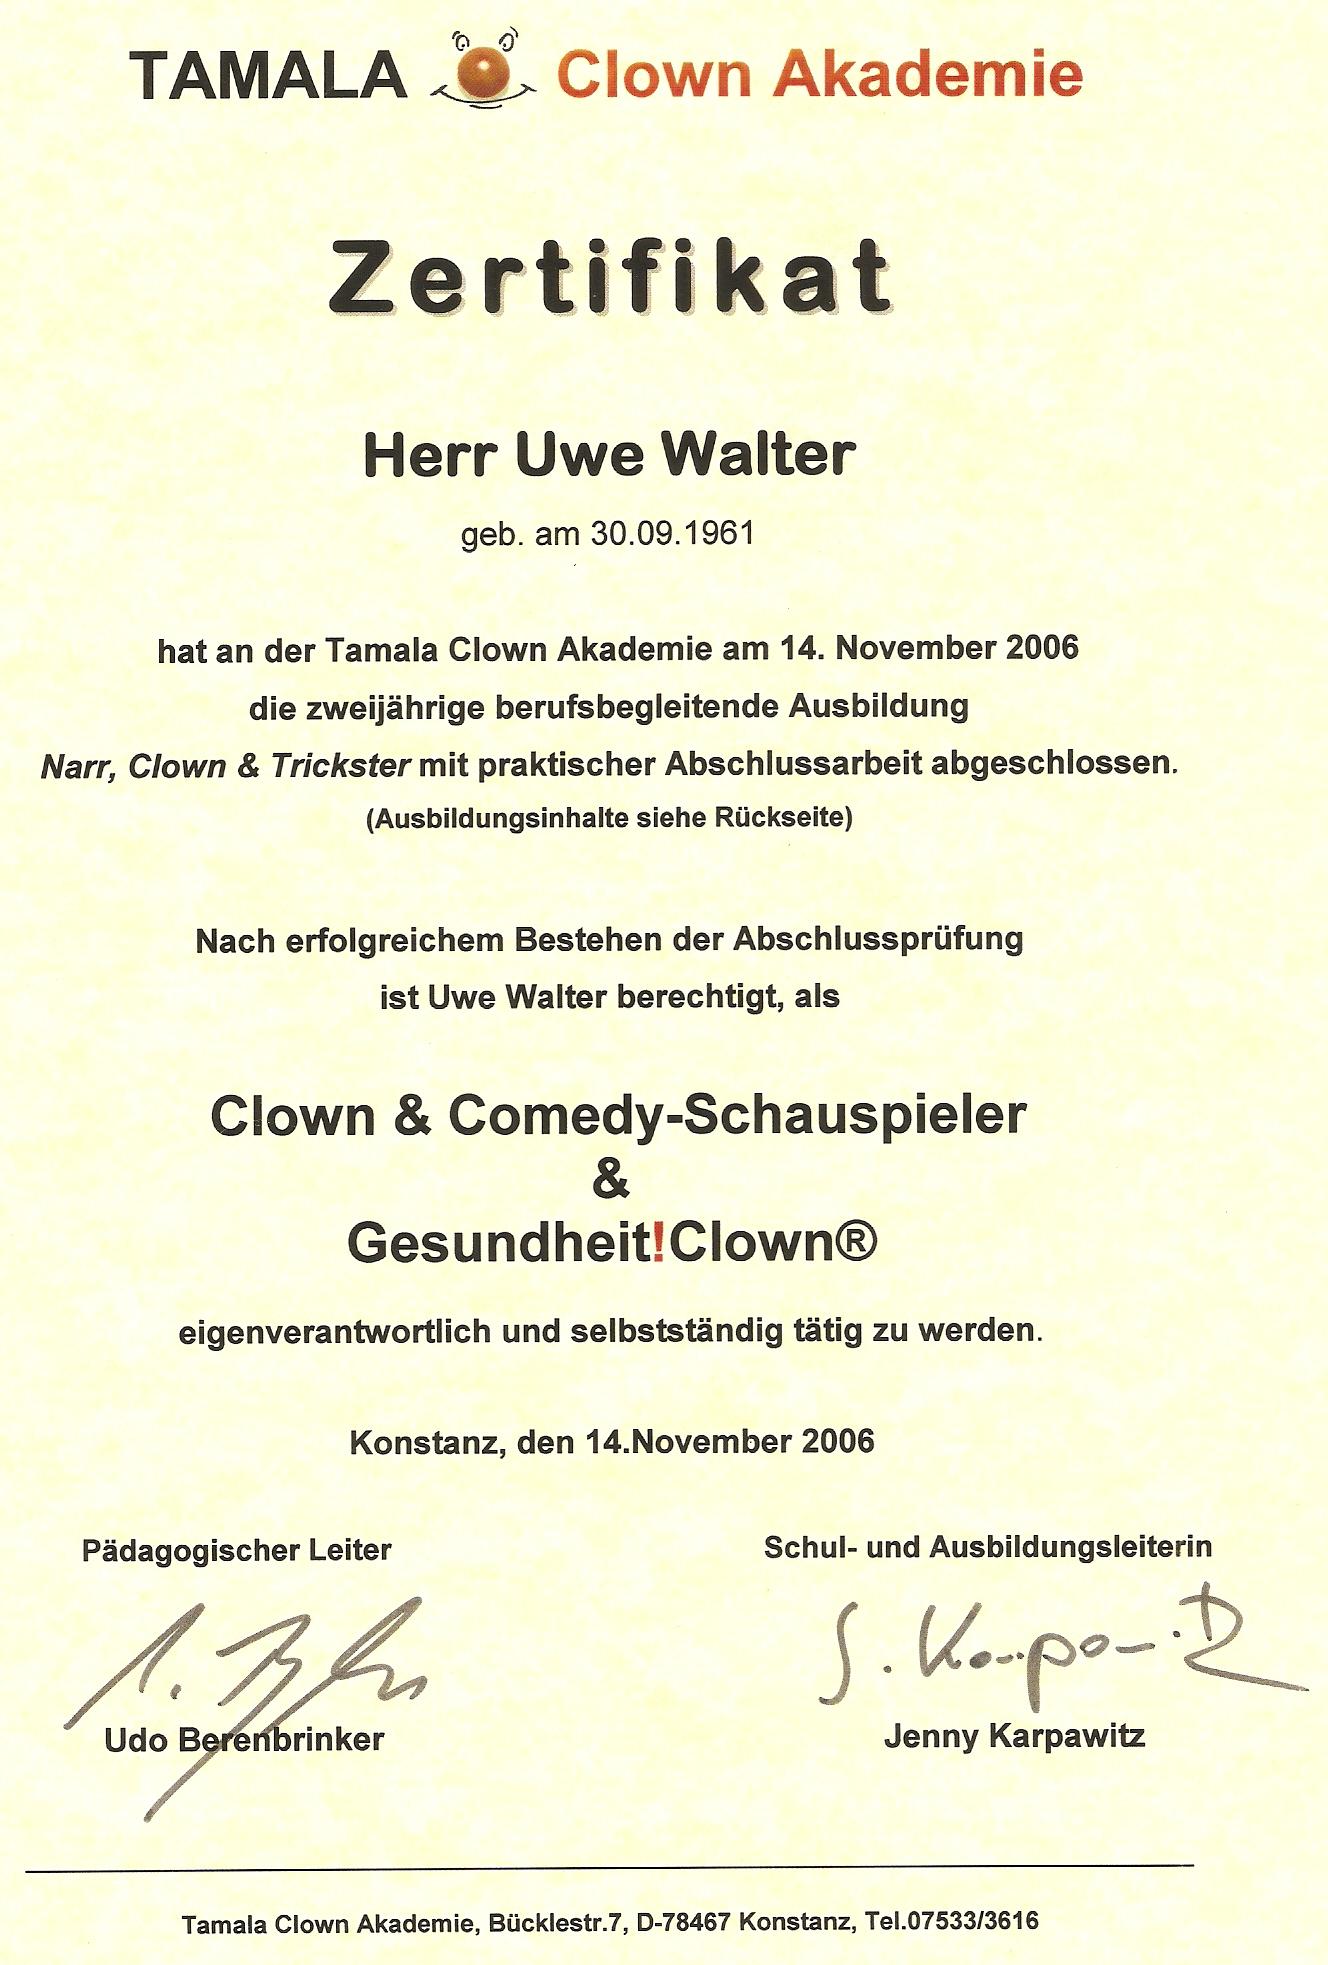 Erfreut Dieses Zertifikat Berechtigt Sie Template Ideen - Bilder für ...